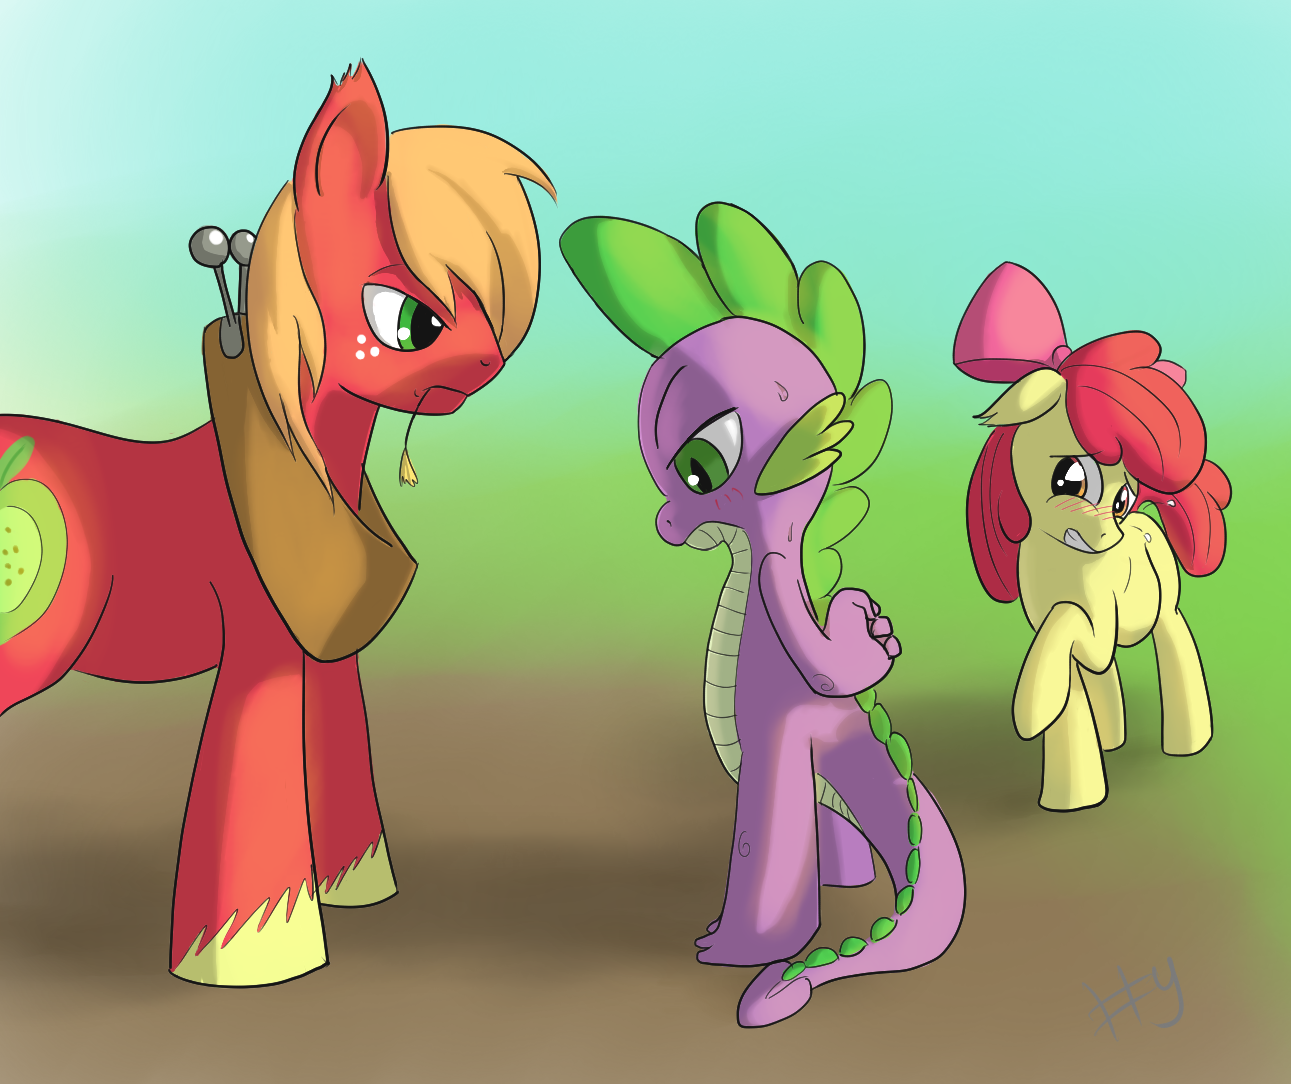 Equestria Daily - MLP Stuff!: Drawfriend Stuff #294